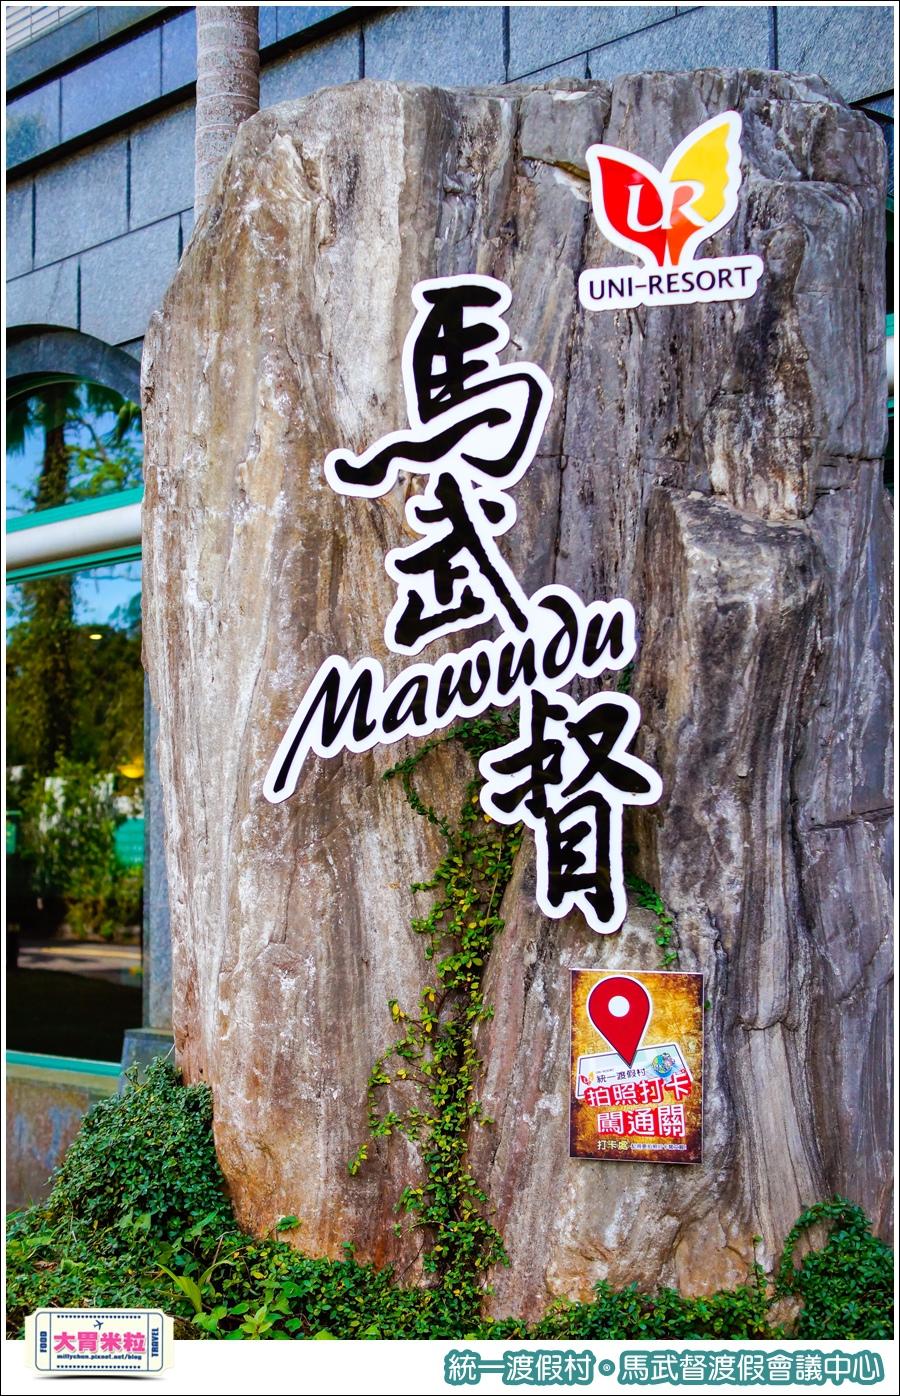 統一渡假村-馬武督渡假會議中心@大胃米粒0010.jpg